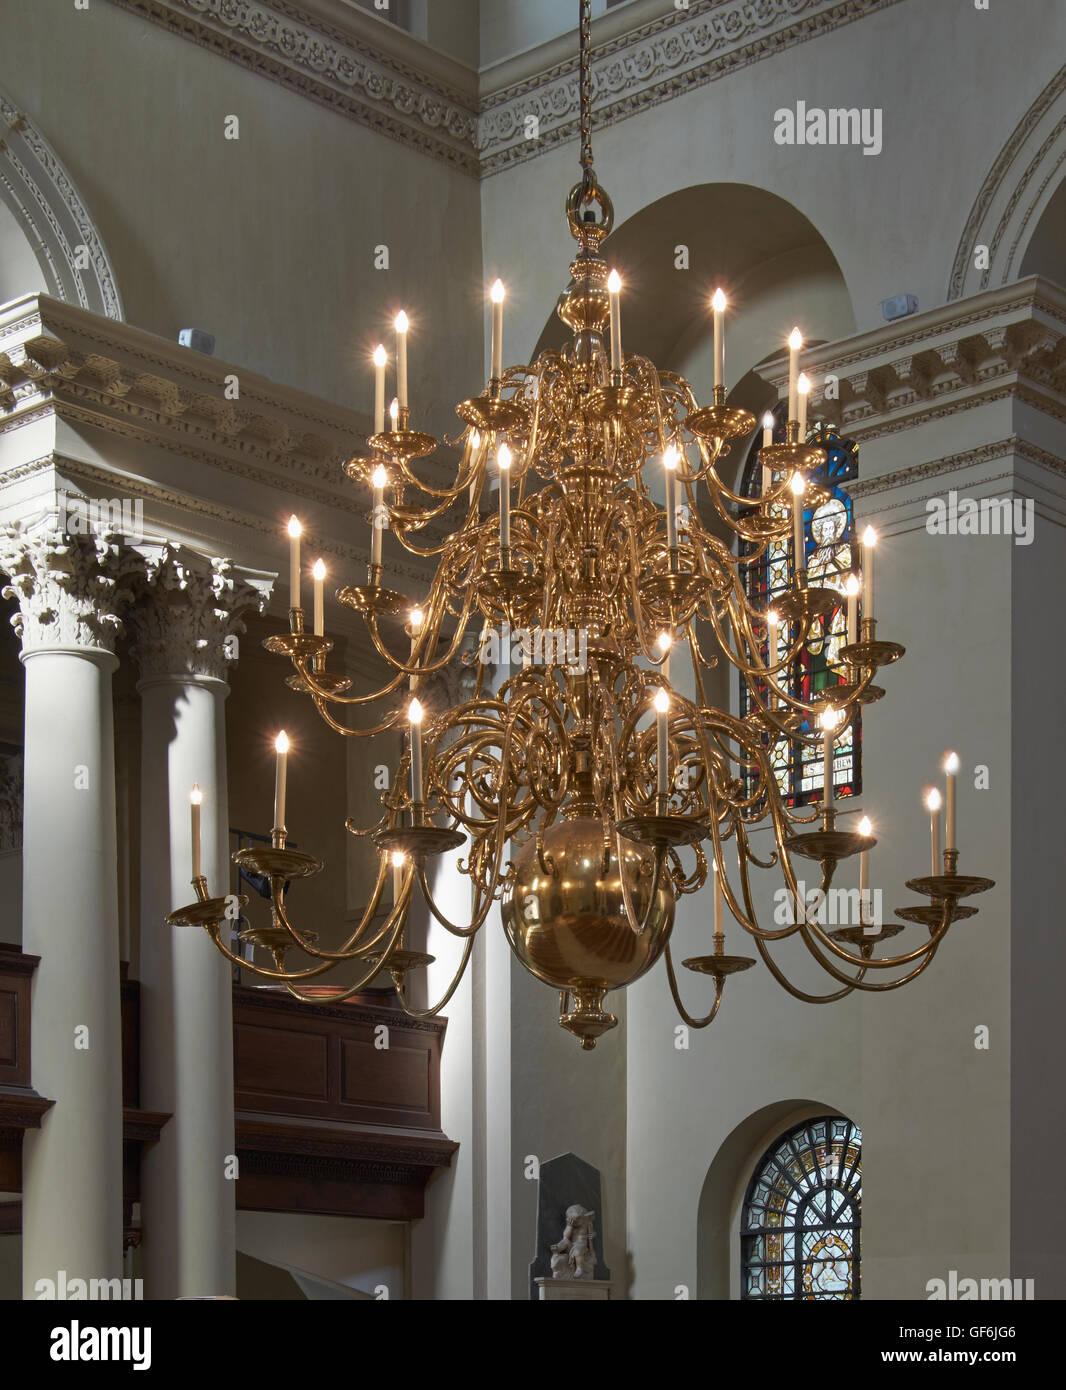 St George Bloomsbury chandelier - Stock Image